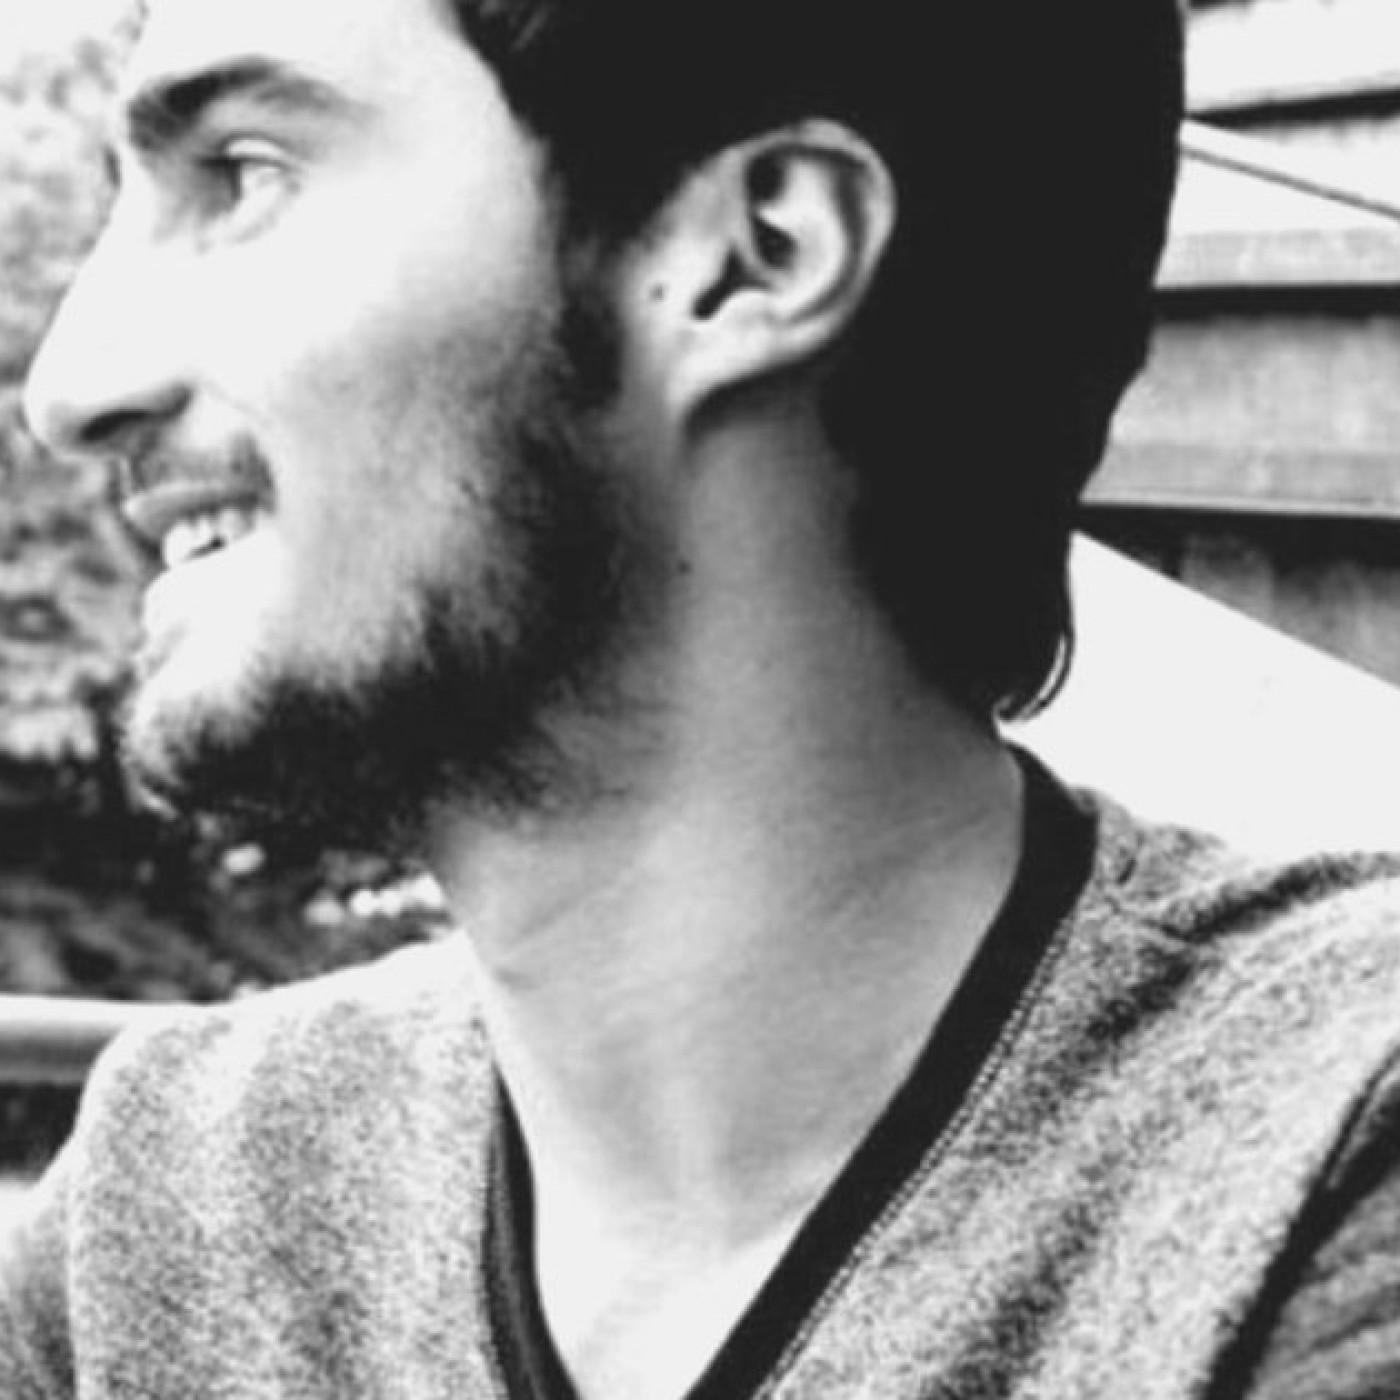 La voix de Florian Guénet, rédacteur web freelance